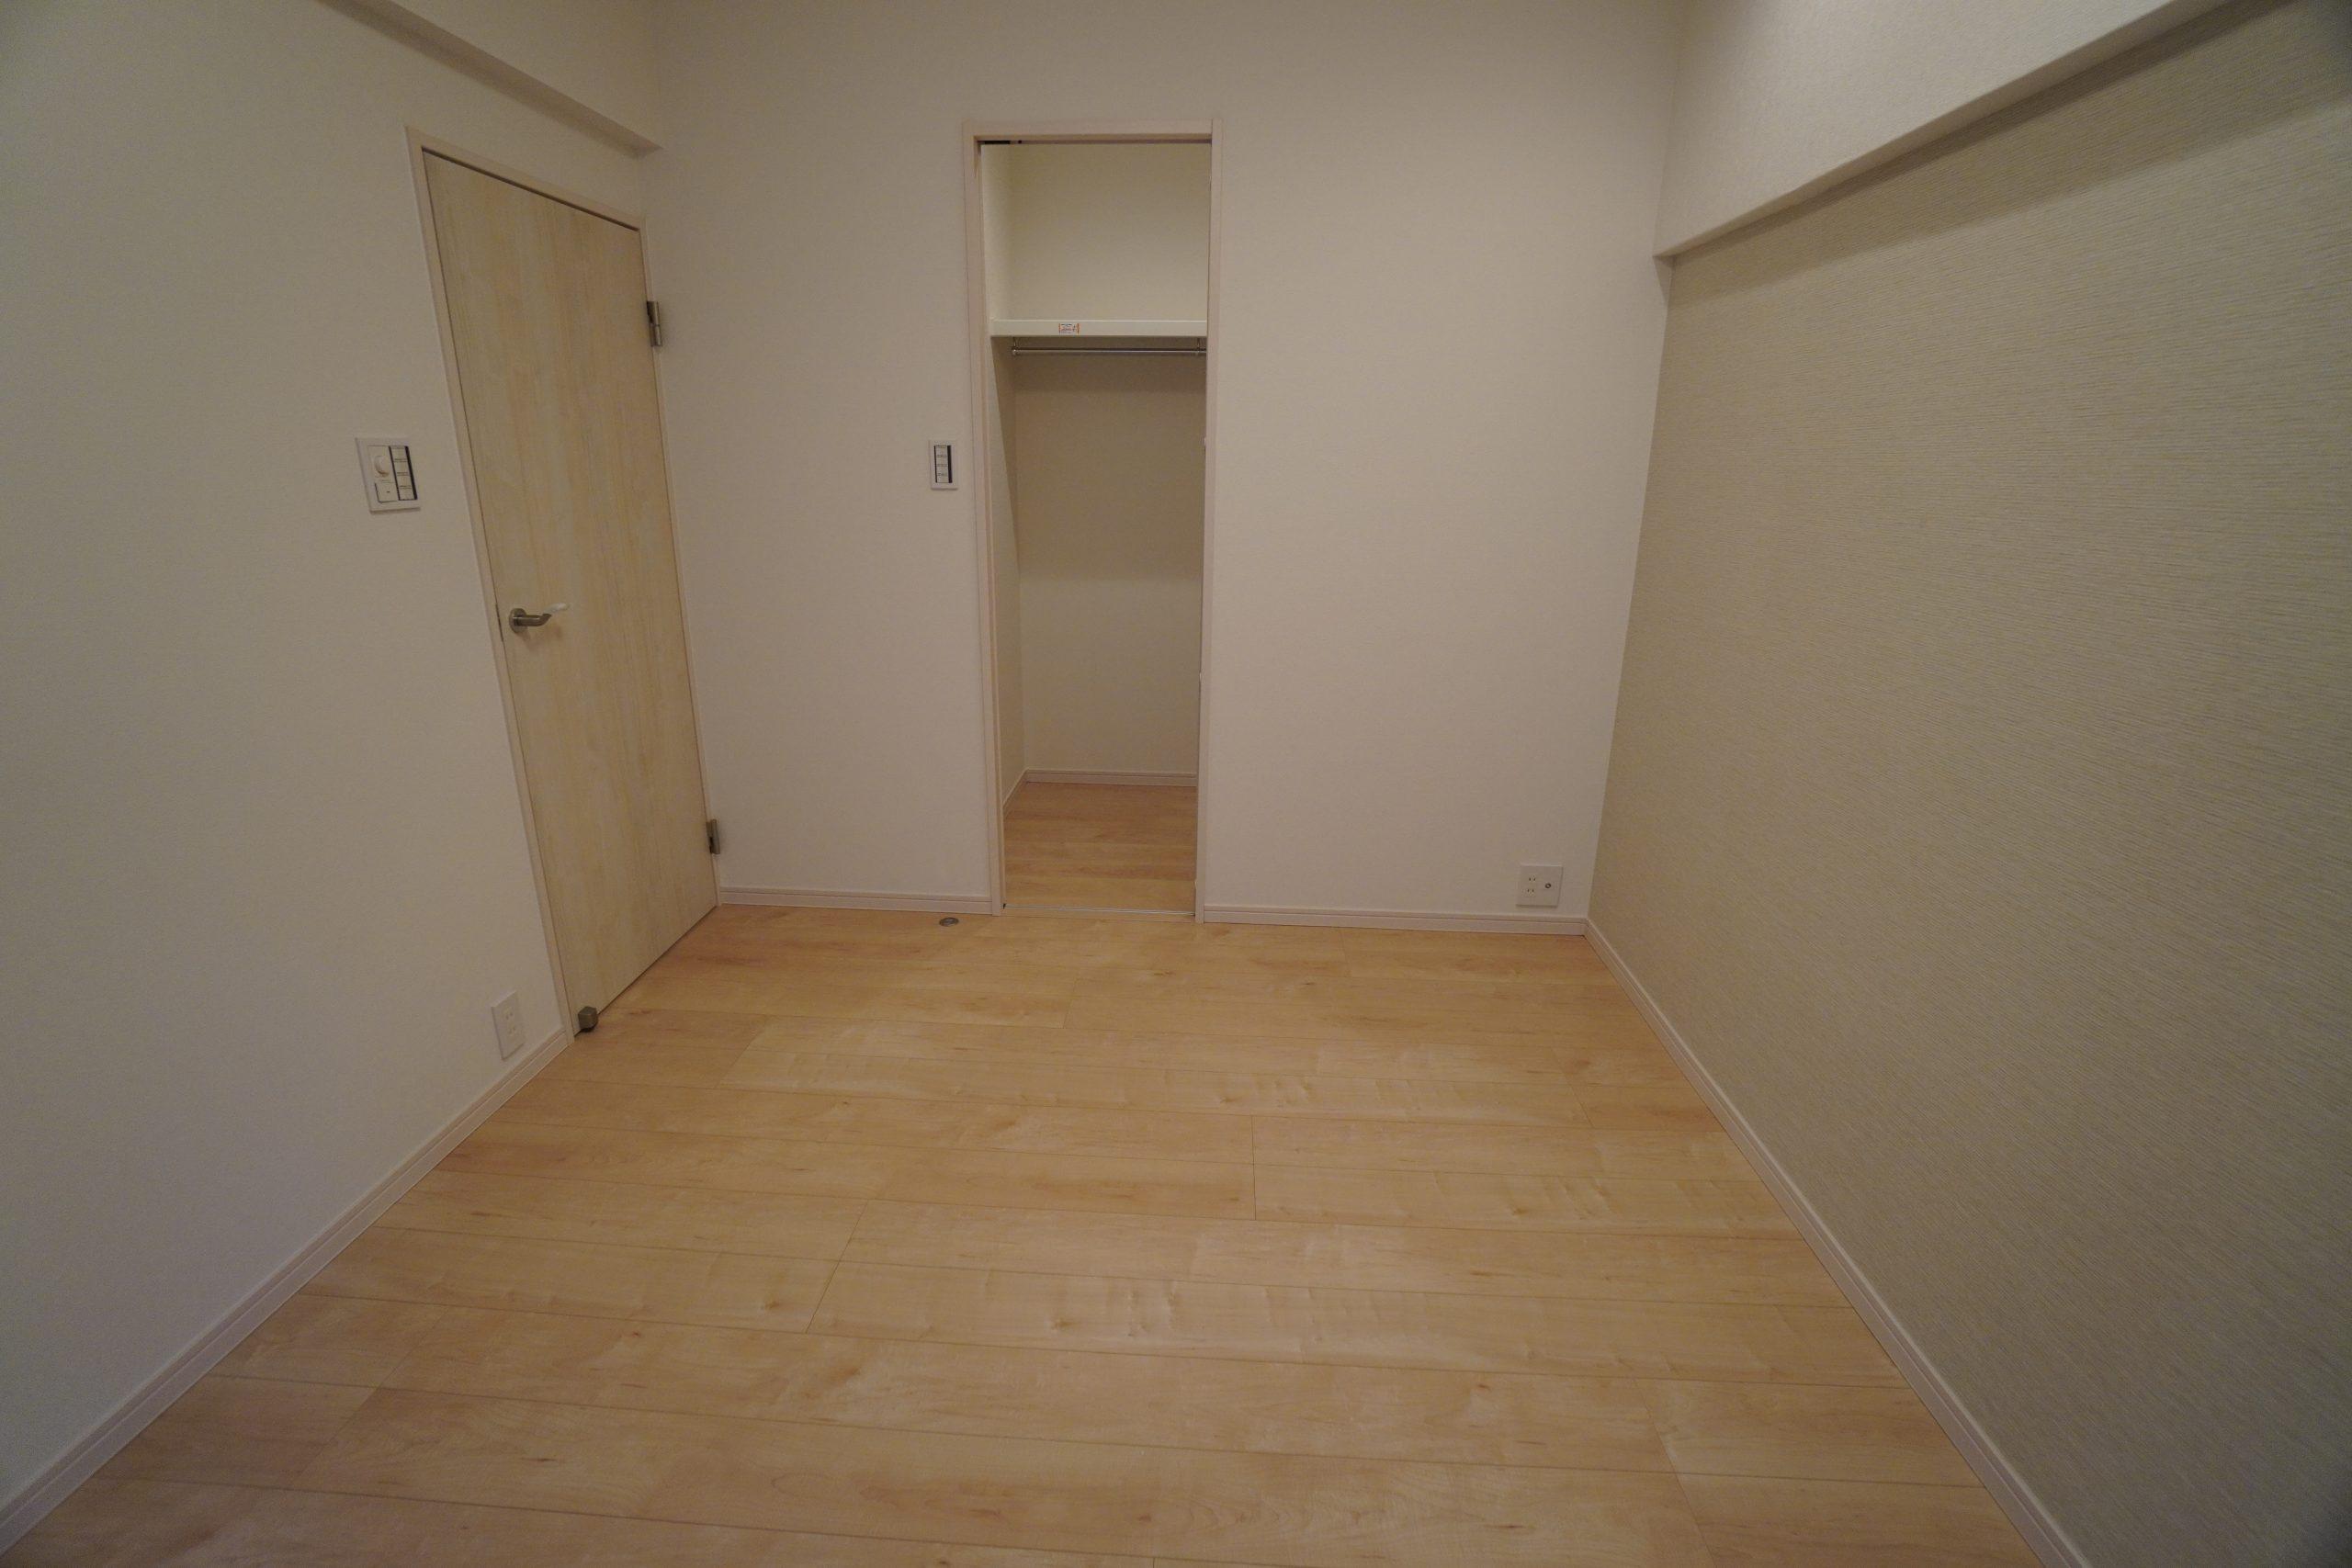 目黒ロイヤルハイツ 304号室の写真6